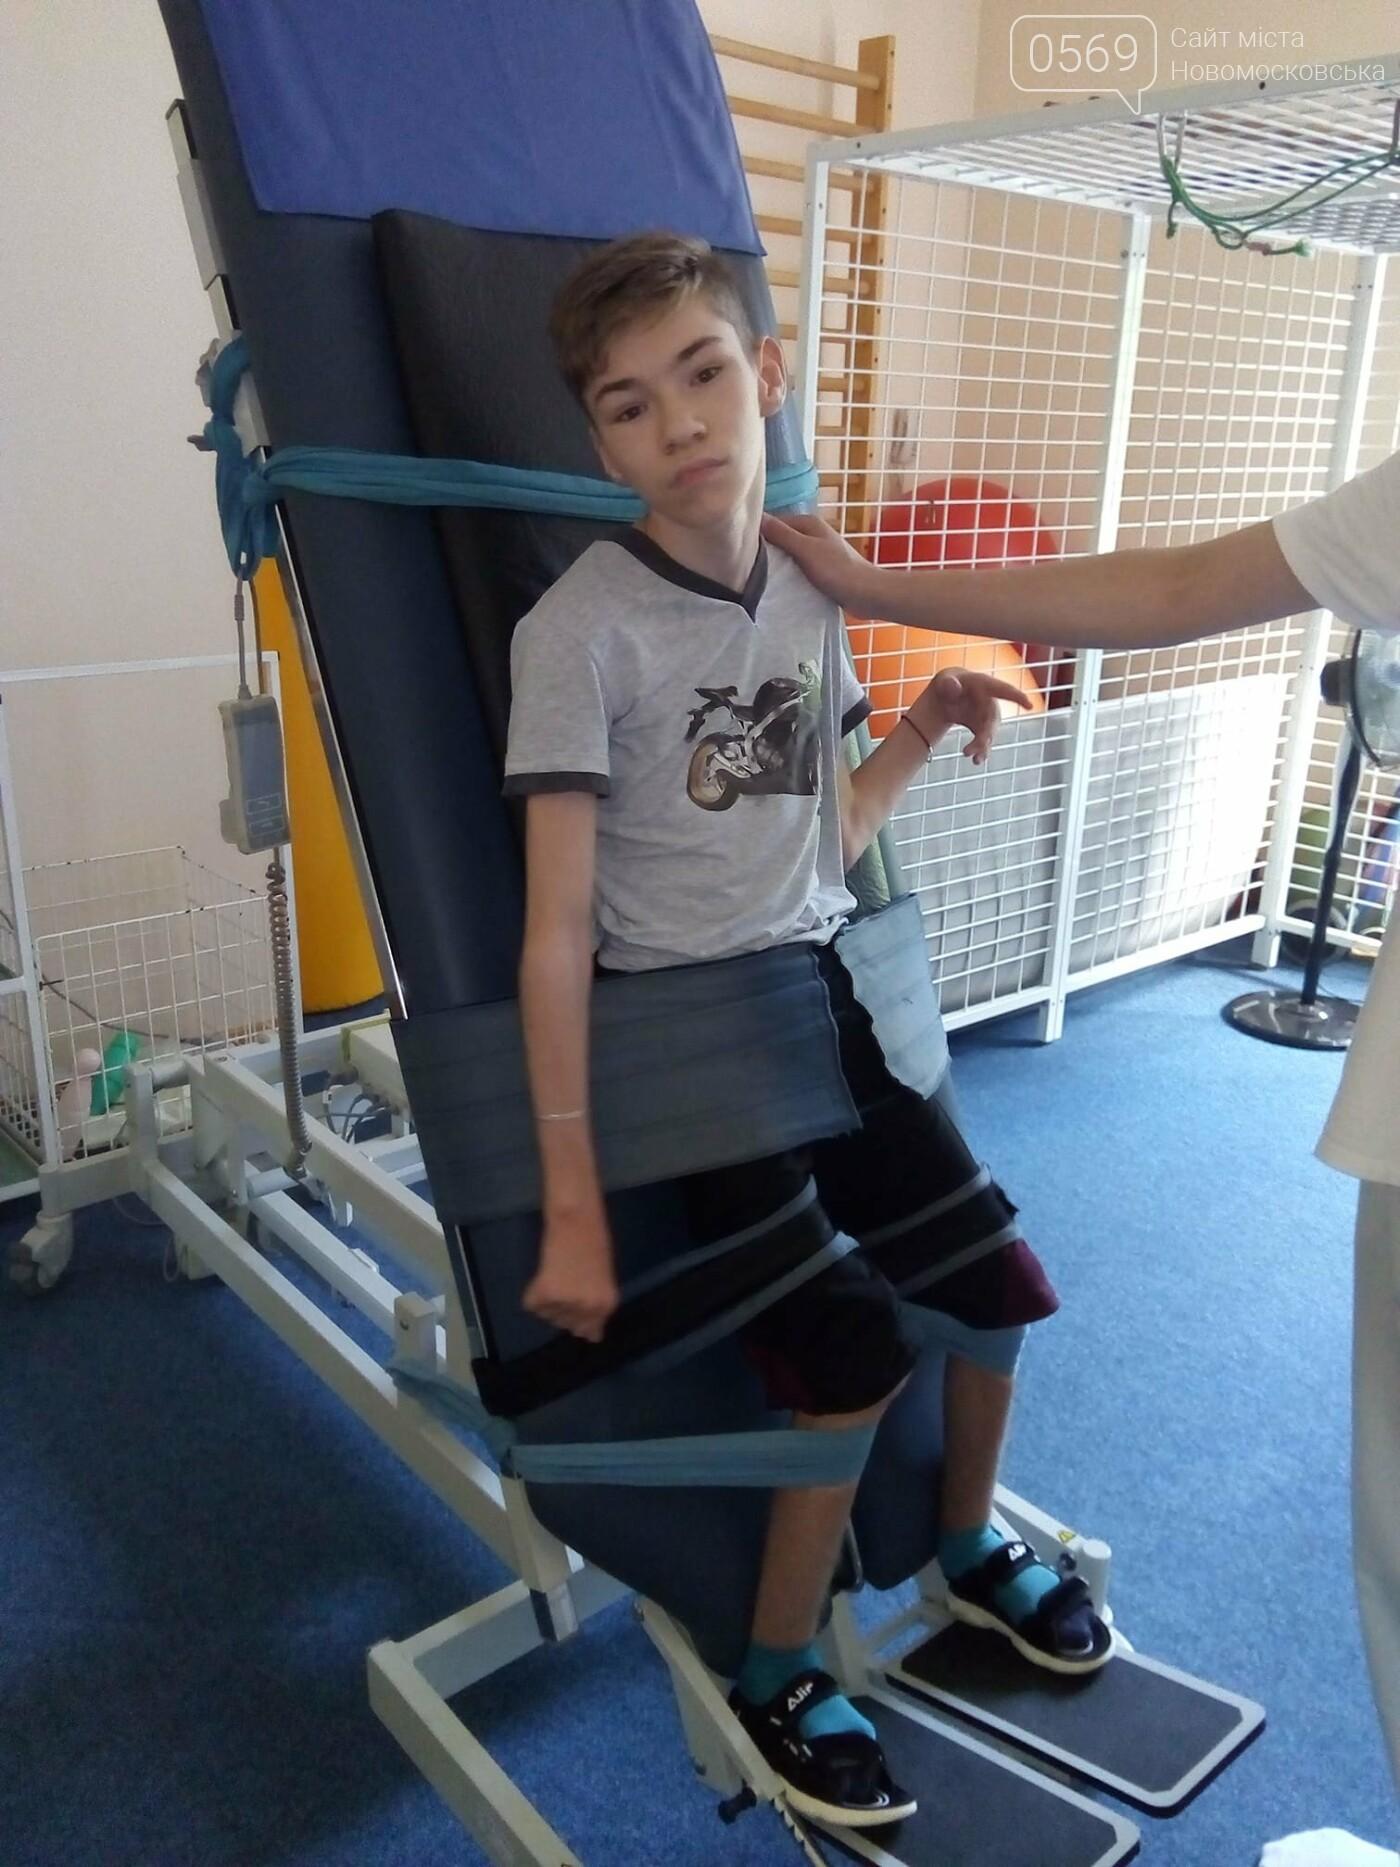 У Новомосковську потребує коштів на  лікування 16-річний хлопець з ДЦП: ДОПОМОЖЕМО, фото-1